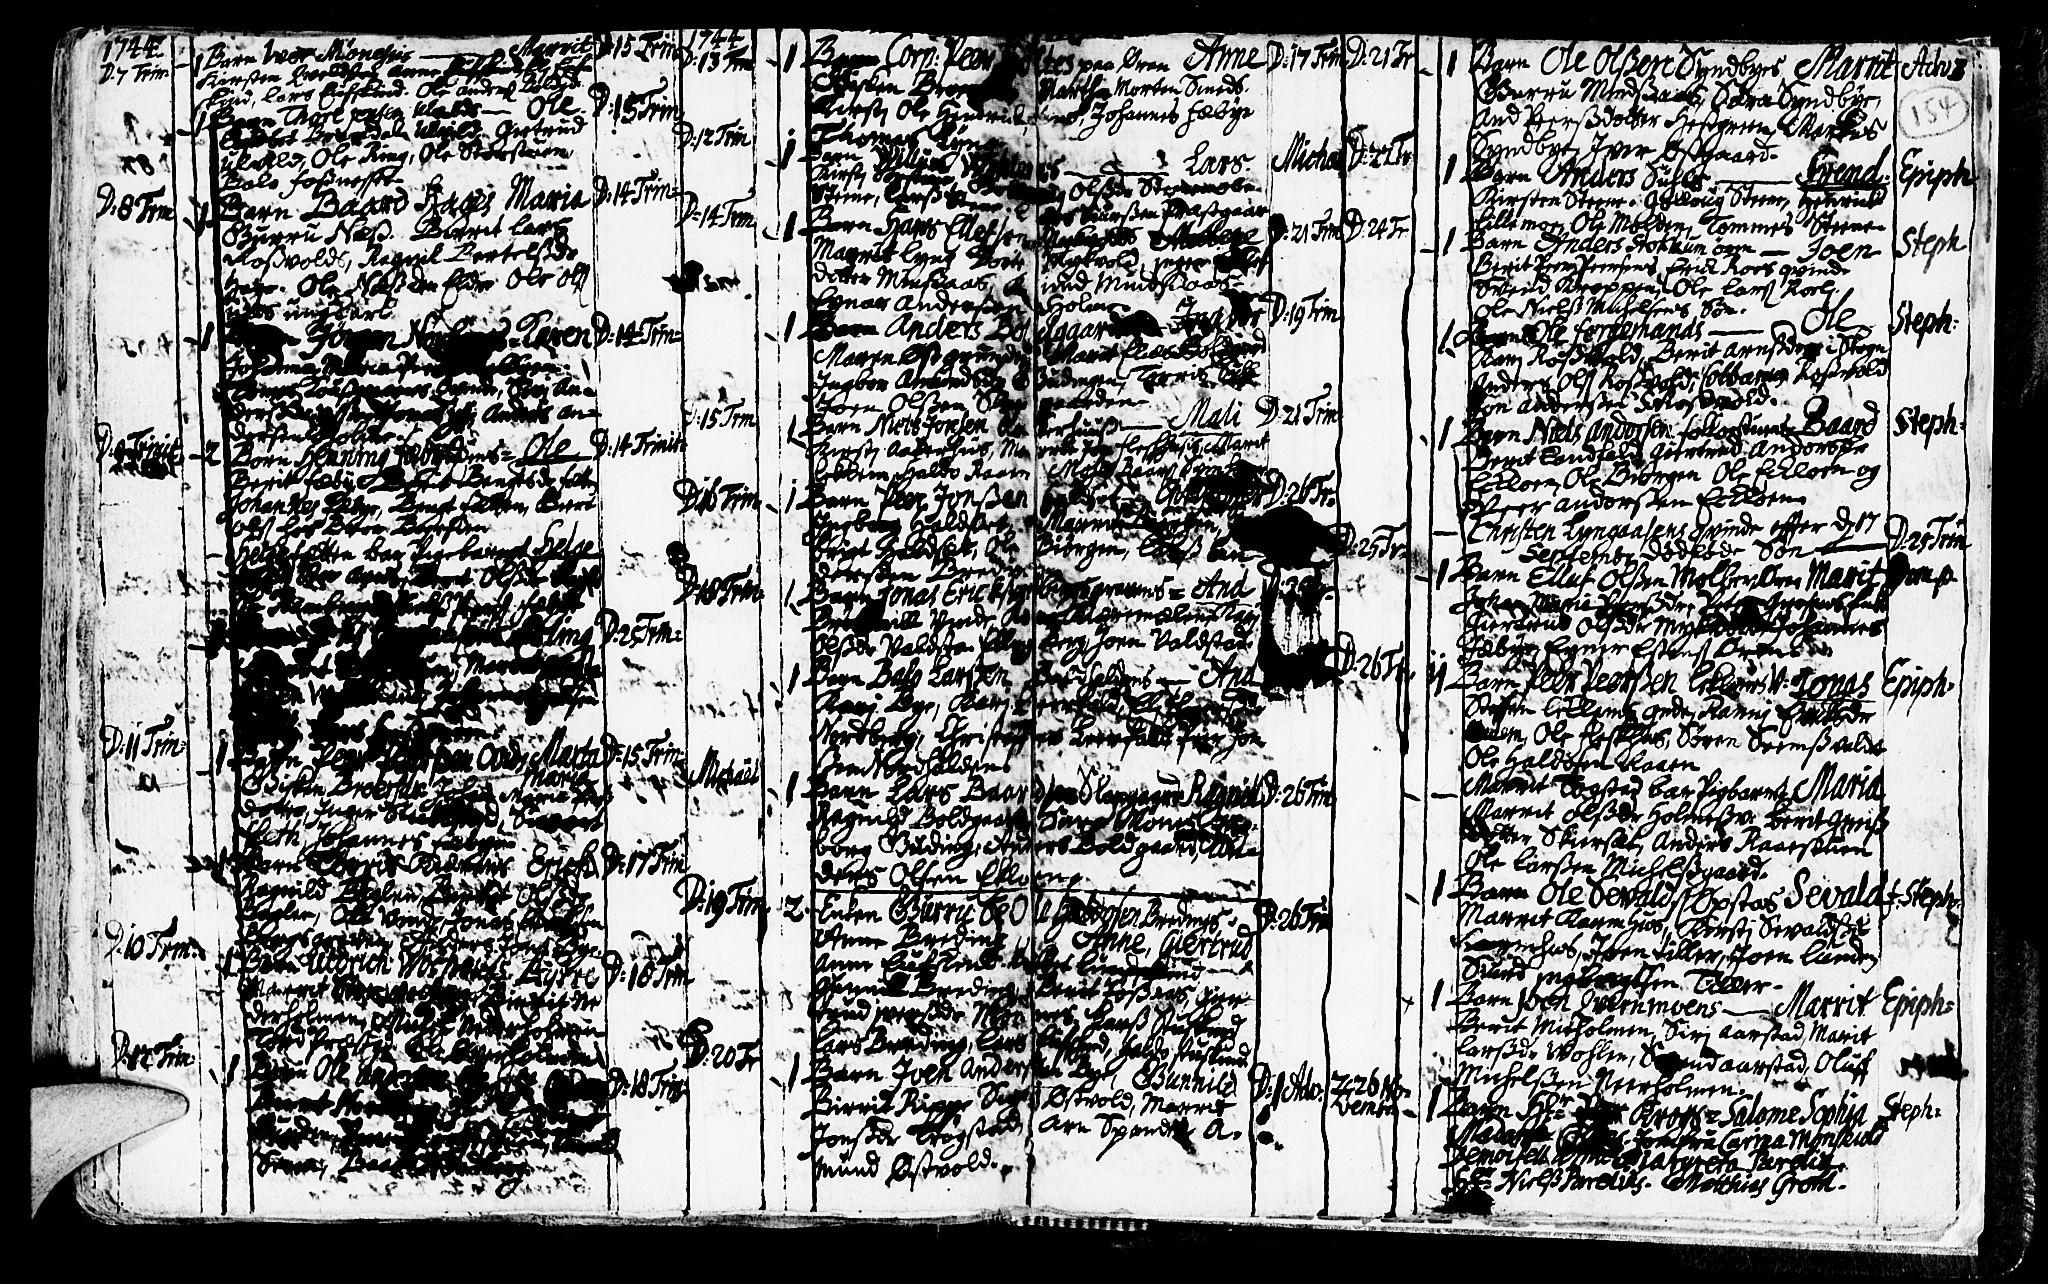 SAT, Ministerialprotokoller, klokkerbøker og fødselsregistre - Nord-Trøndelag, 723/L0230: Ministerialbok nr. 723A01, 1705-1747, s. 154